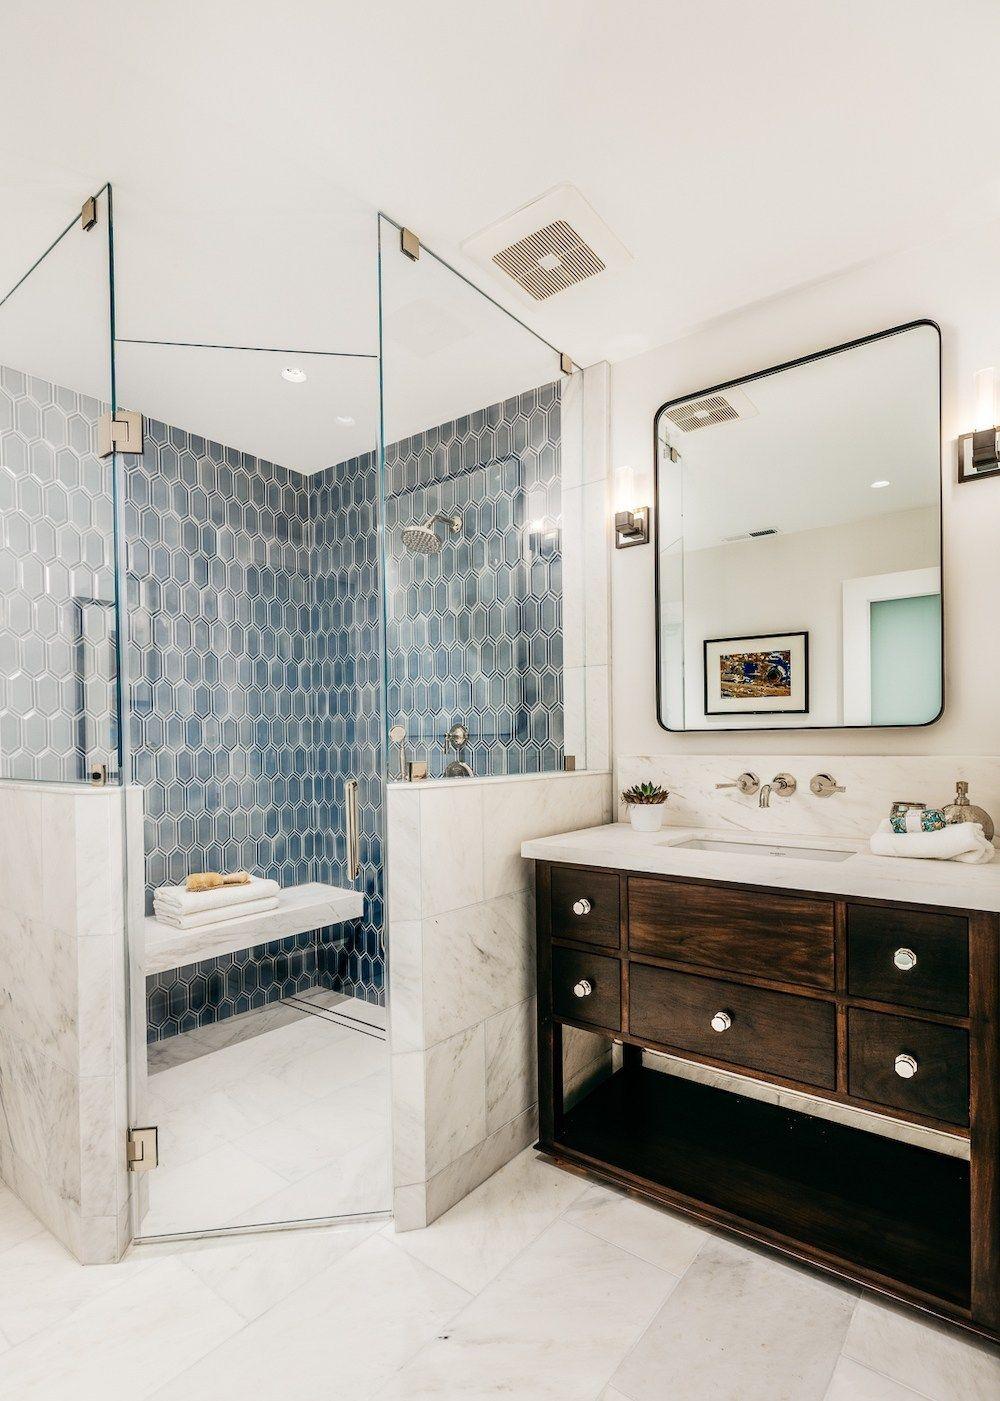 Modern White Interior House From Full House Master Bathroom Ideas White House Interior Bathroom Interior Design Bathroom Interior